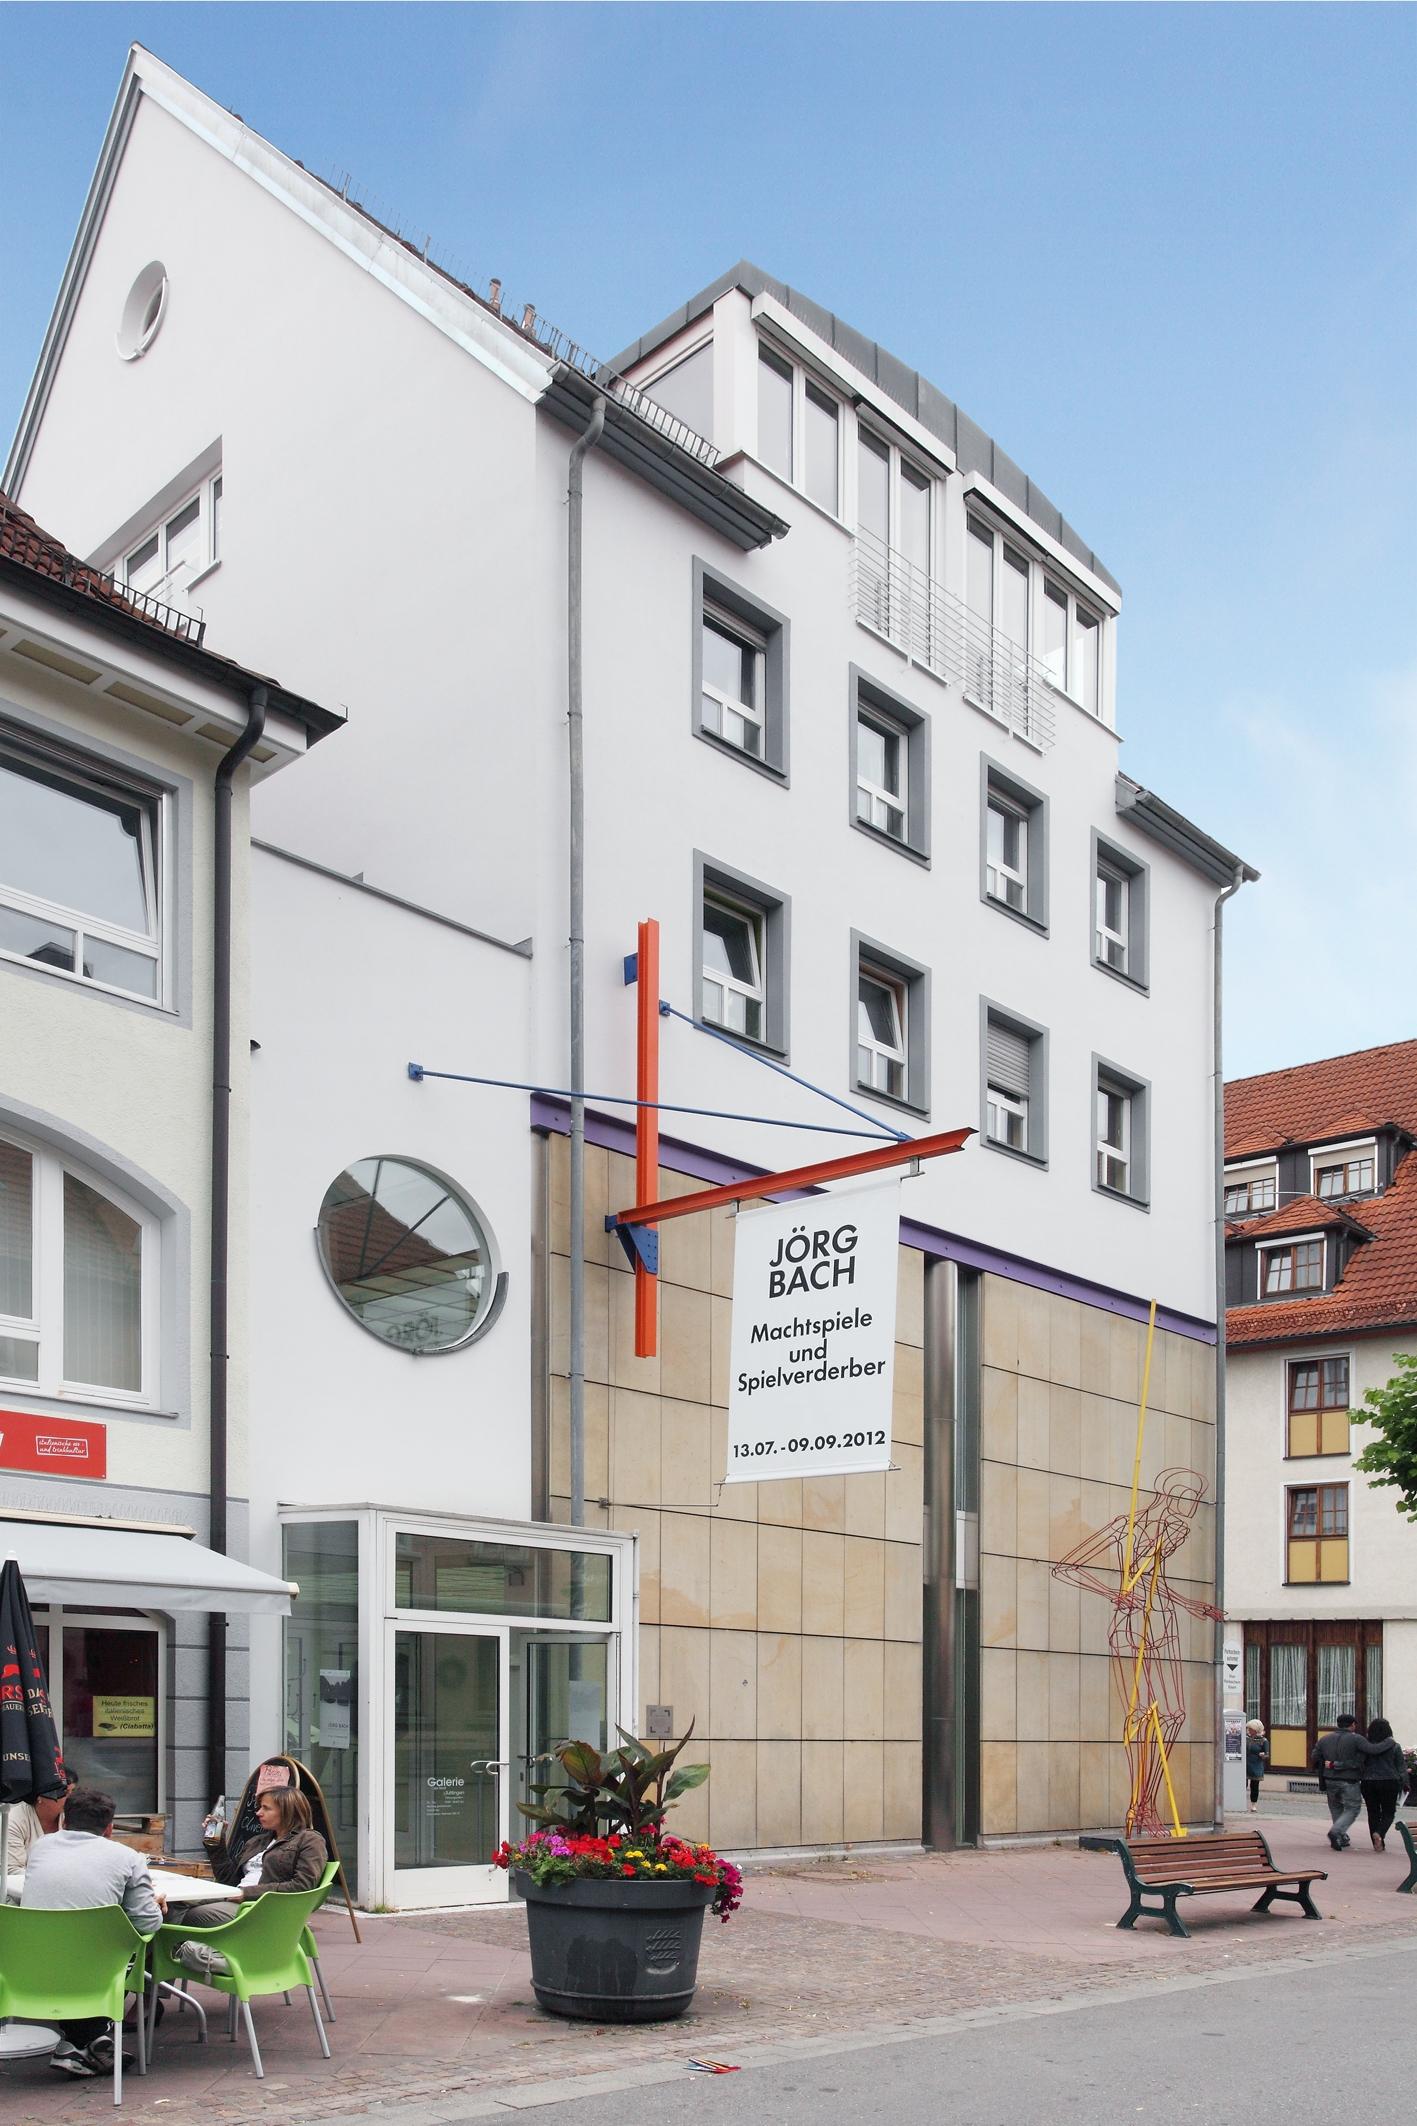 Städtische Galerie Tuttlingen